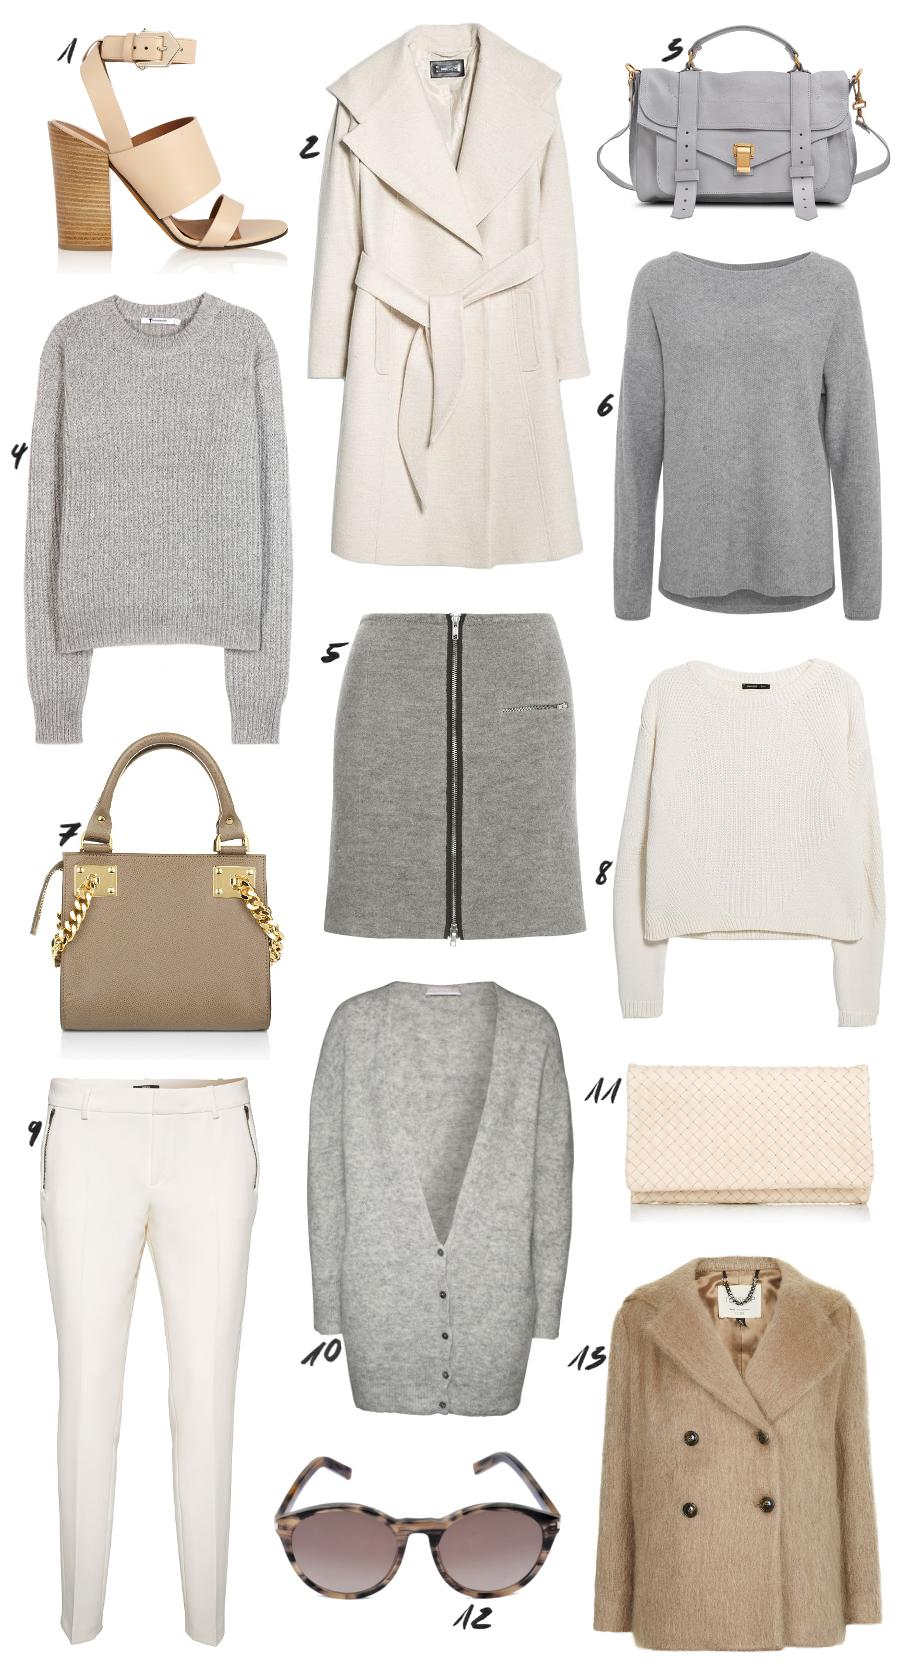 Neutral Clean Outfit Shopping Idea